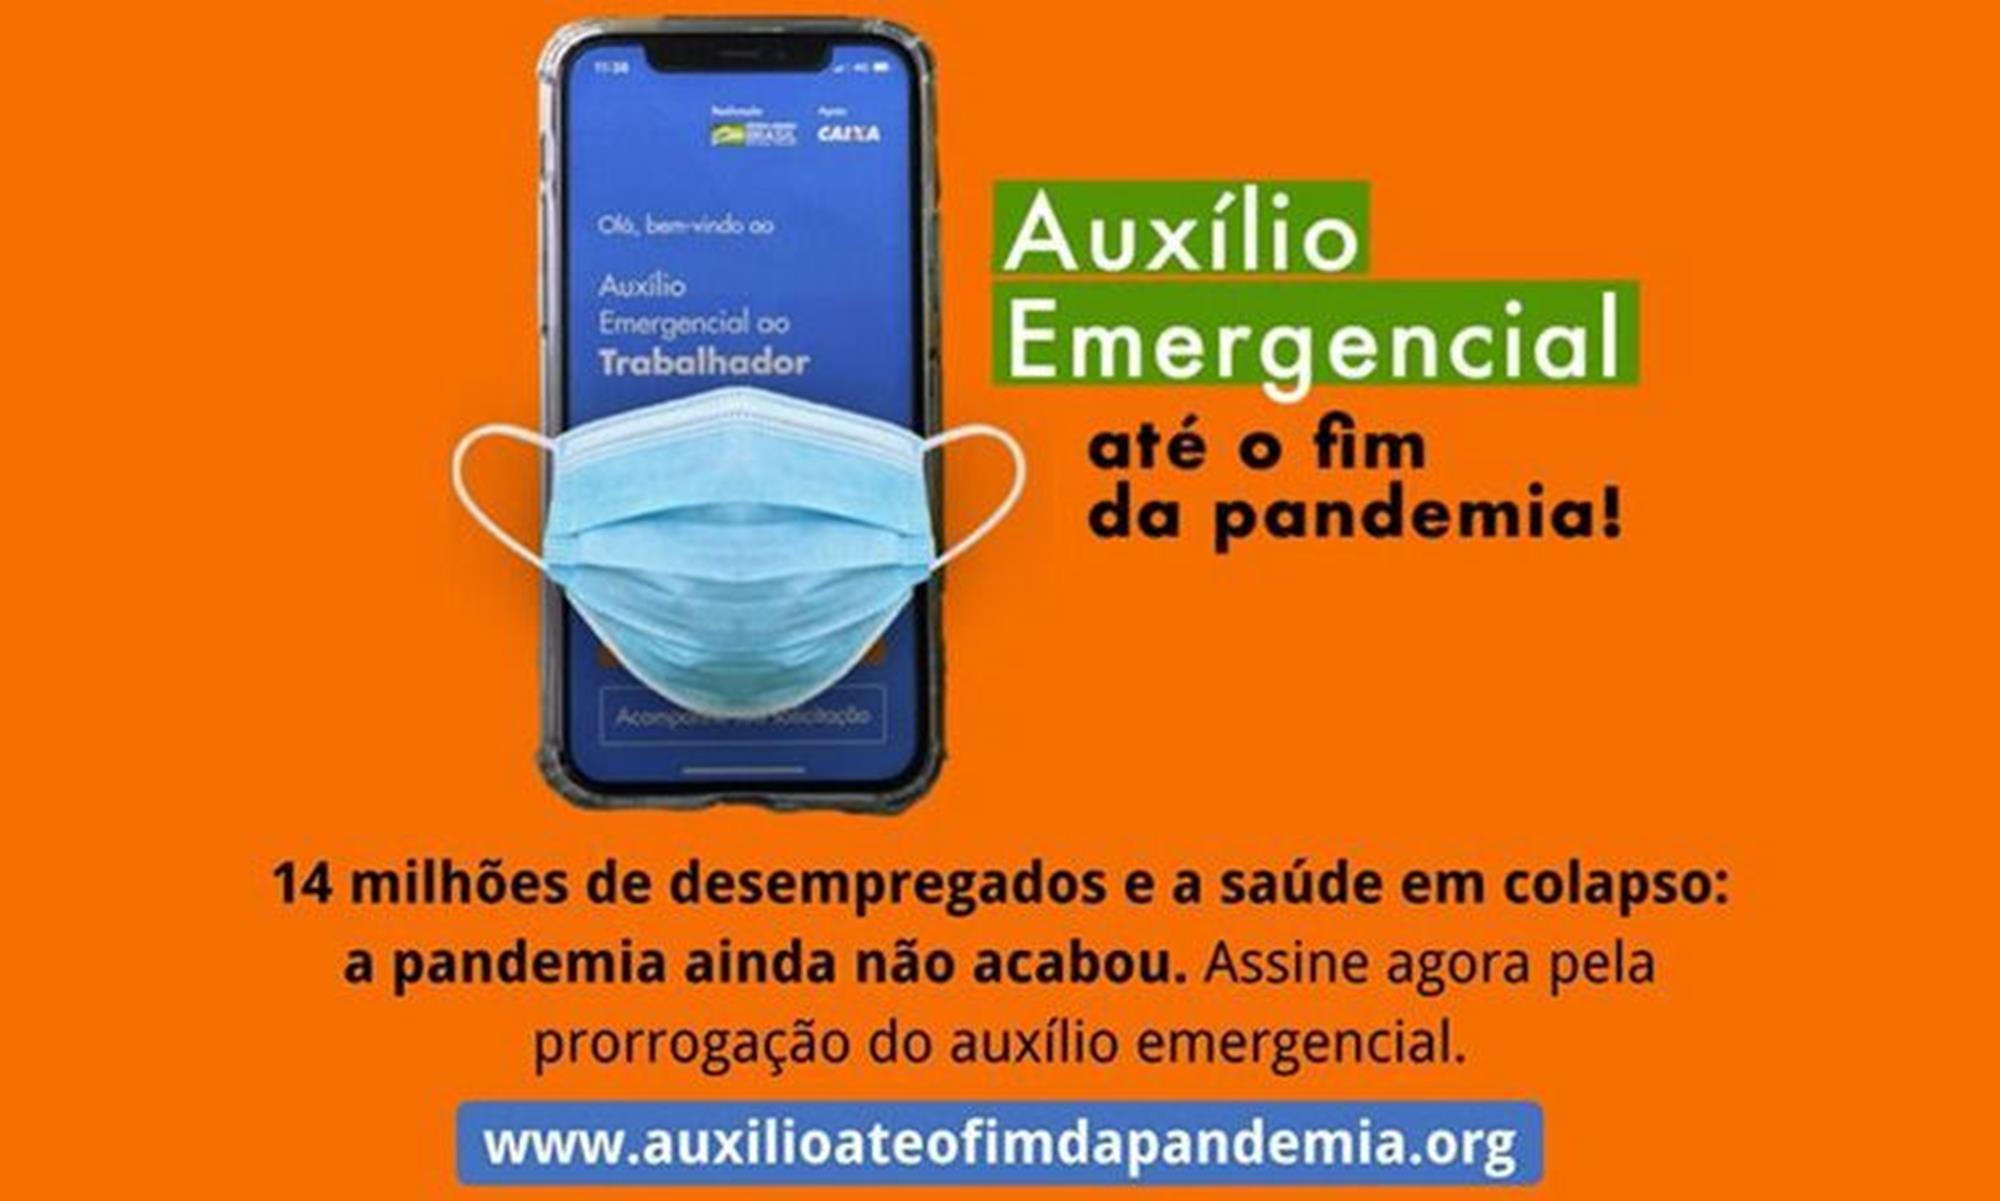 emergencial, cut, auxílio, campanha, covid,, Divulgação/CUT